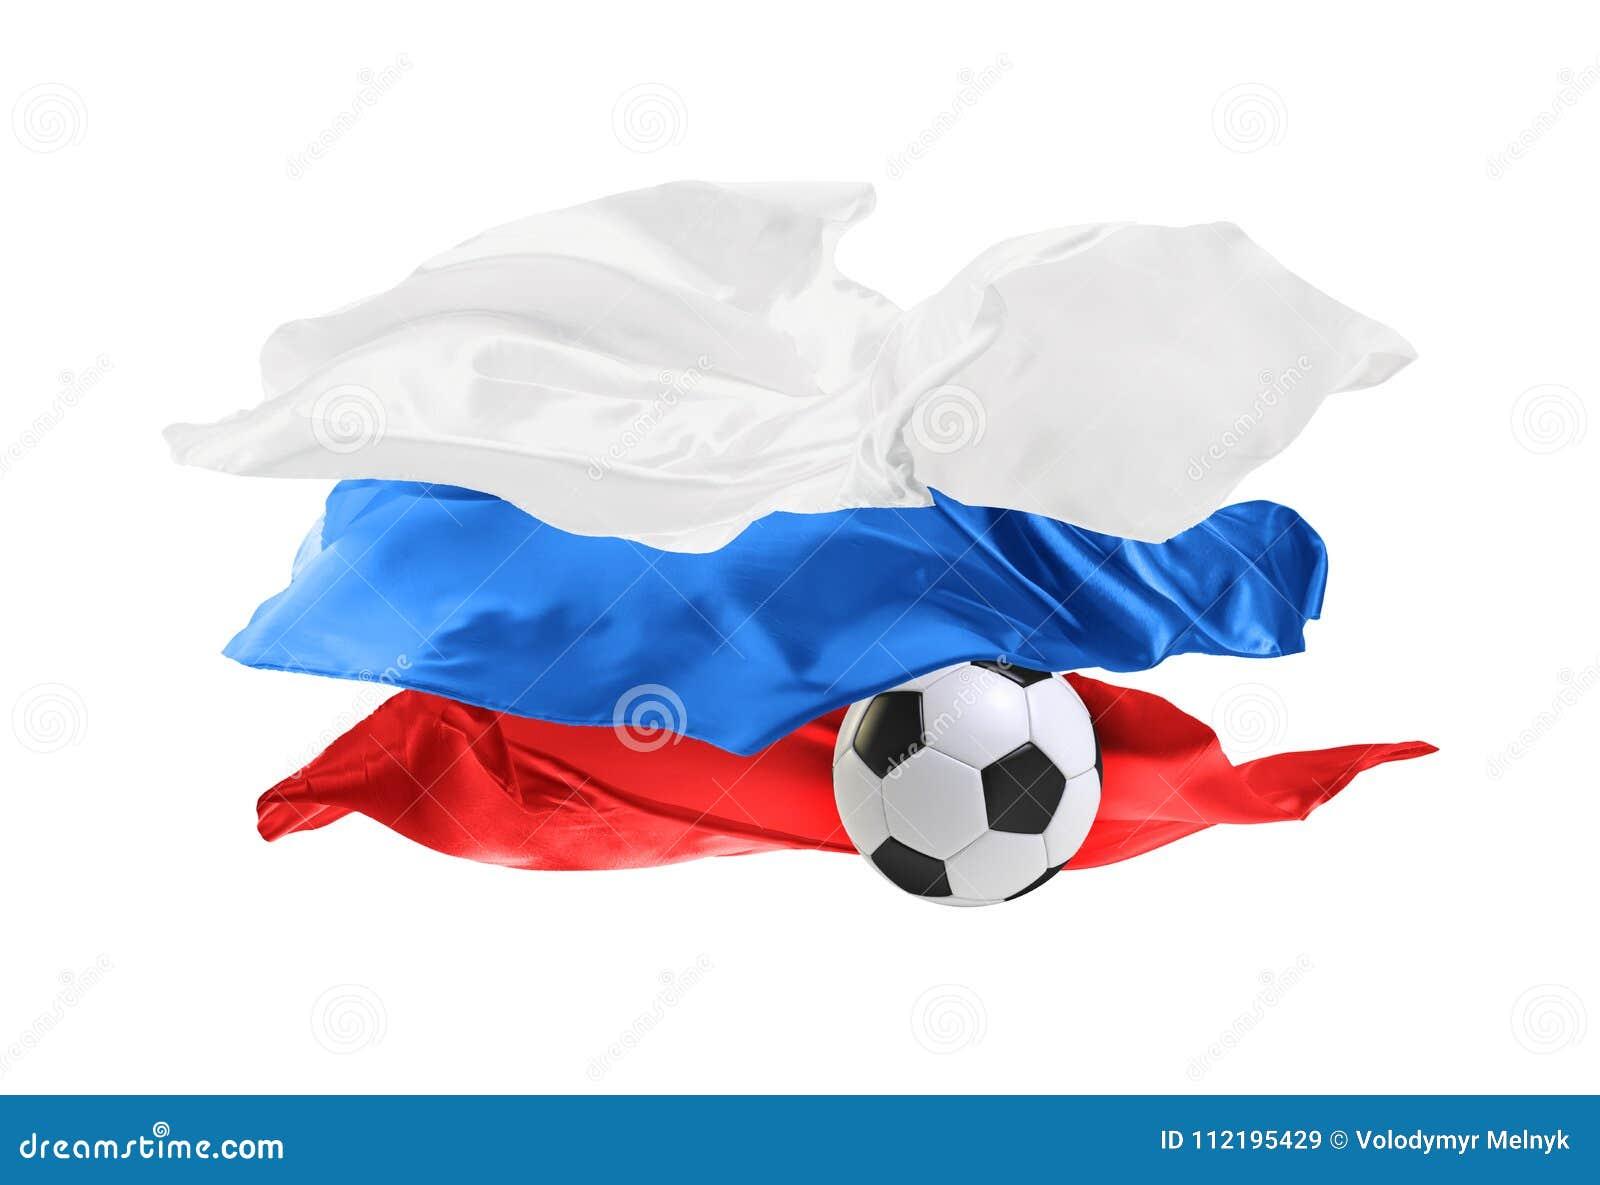 Национальный флаг России Кубок мира ФИФА Россия 2018